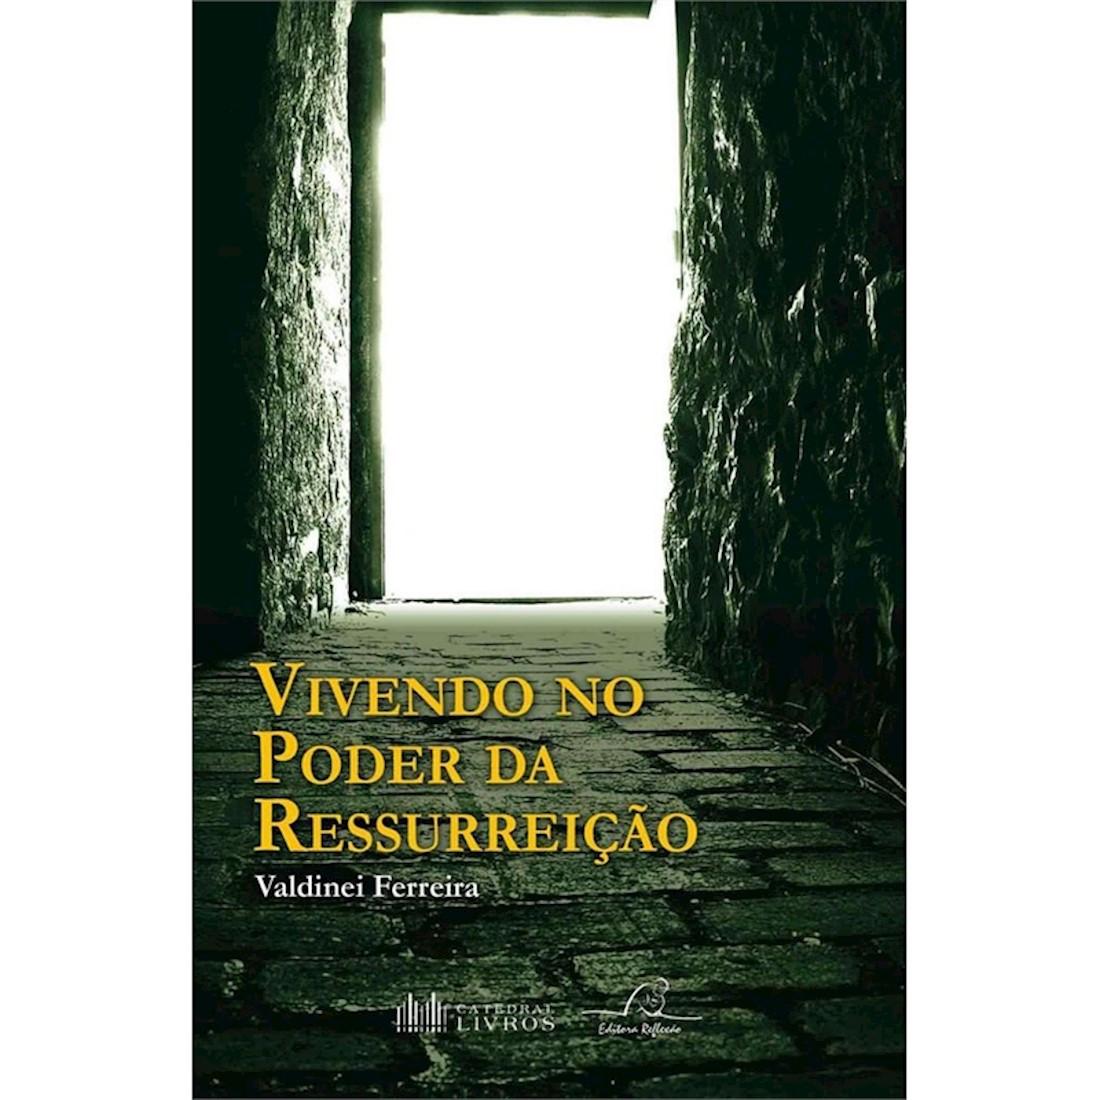 Livro Vivendo No Poder da Ressurreição